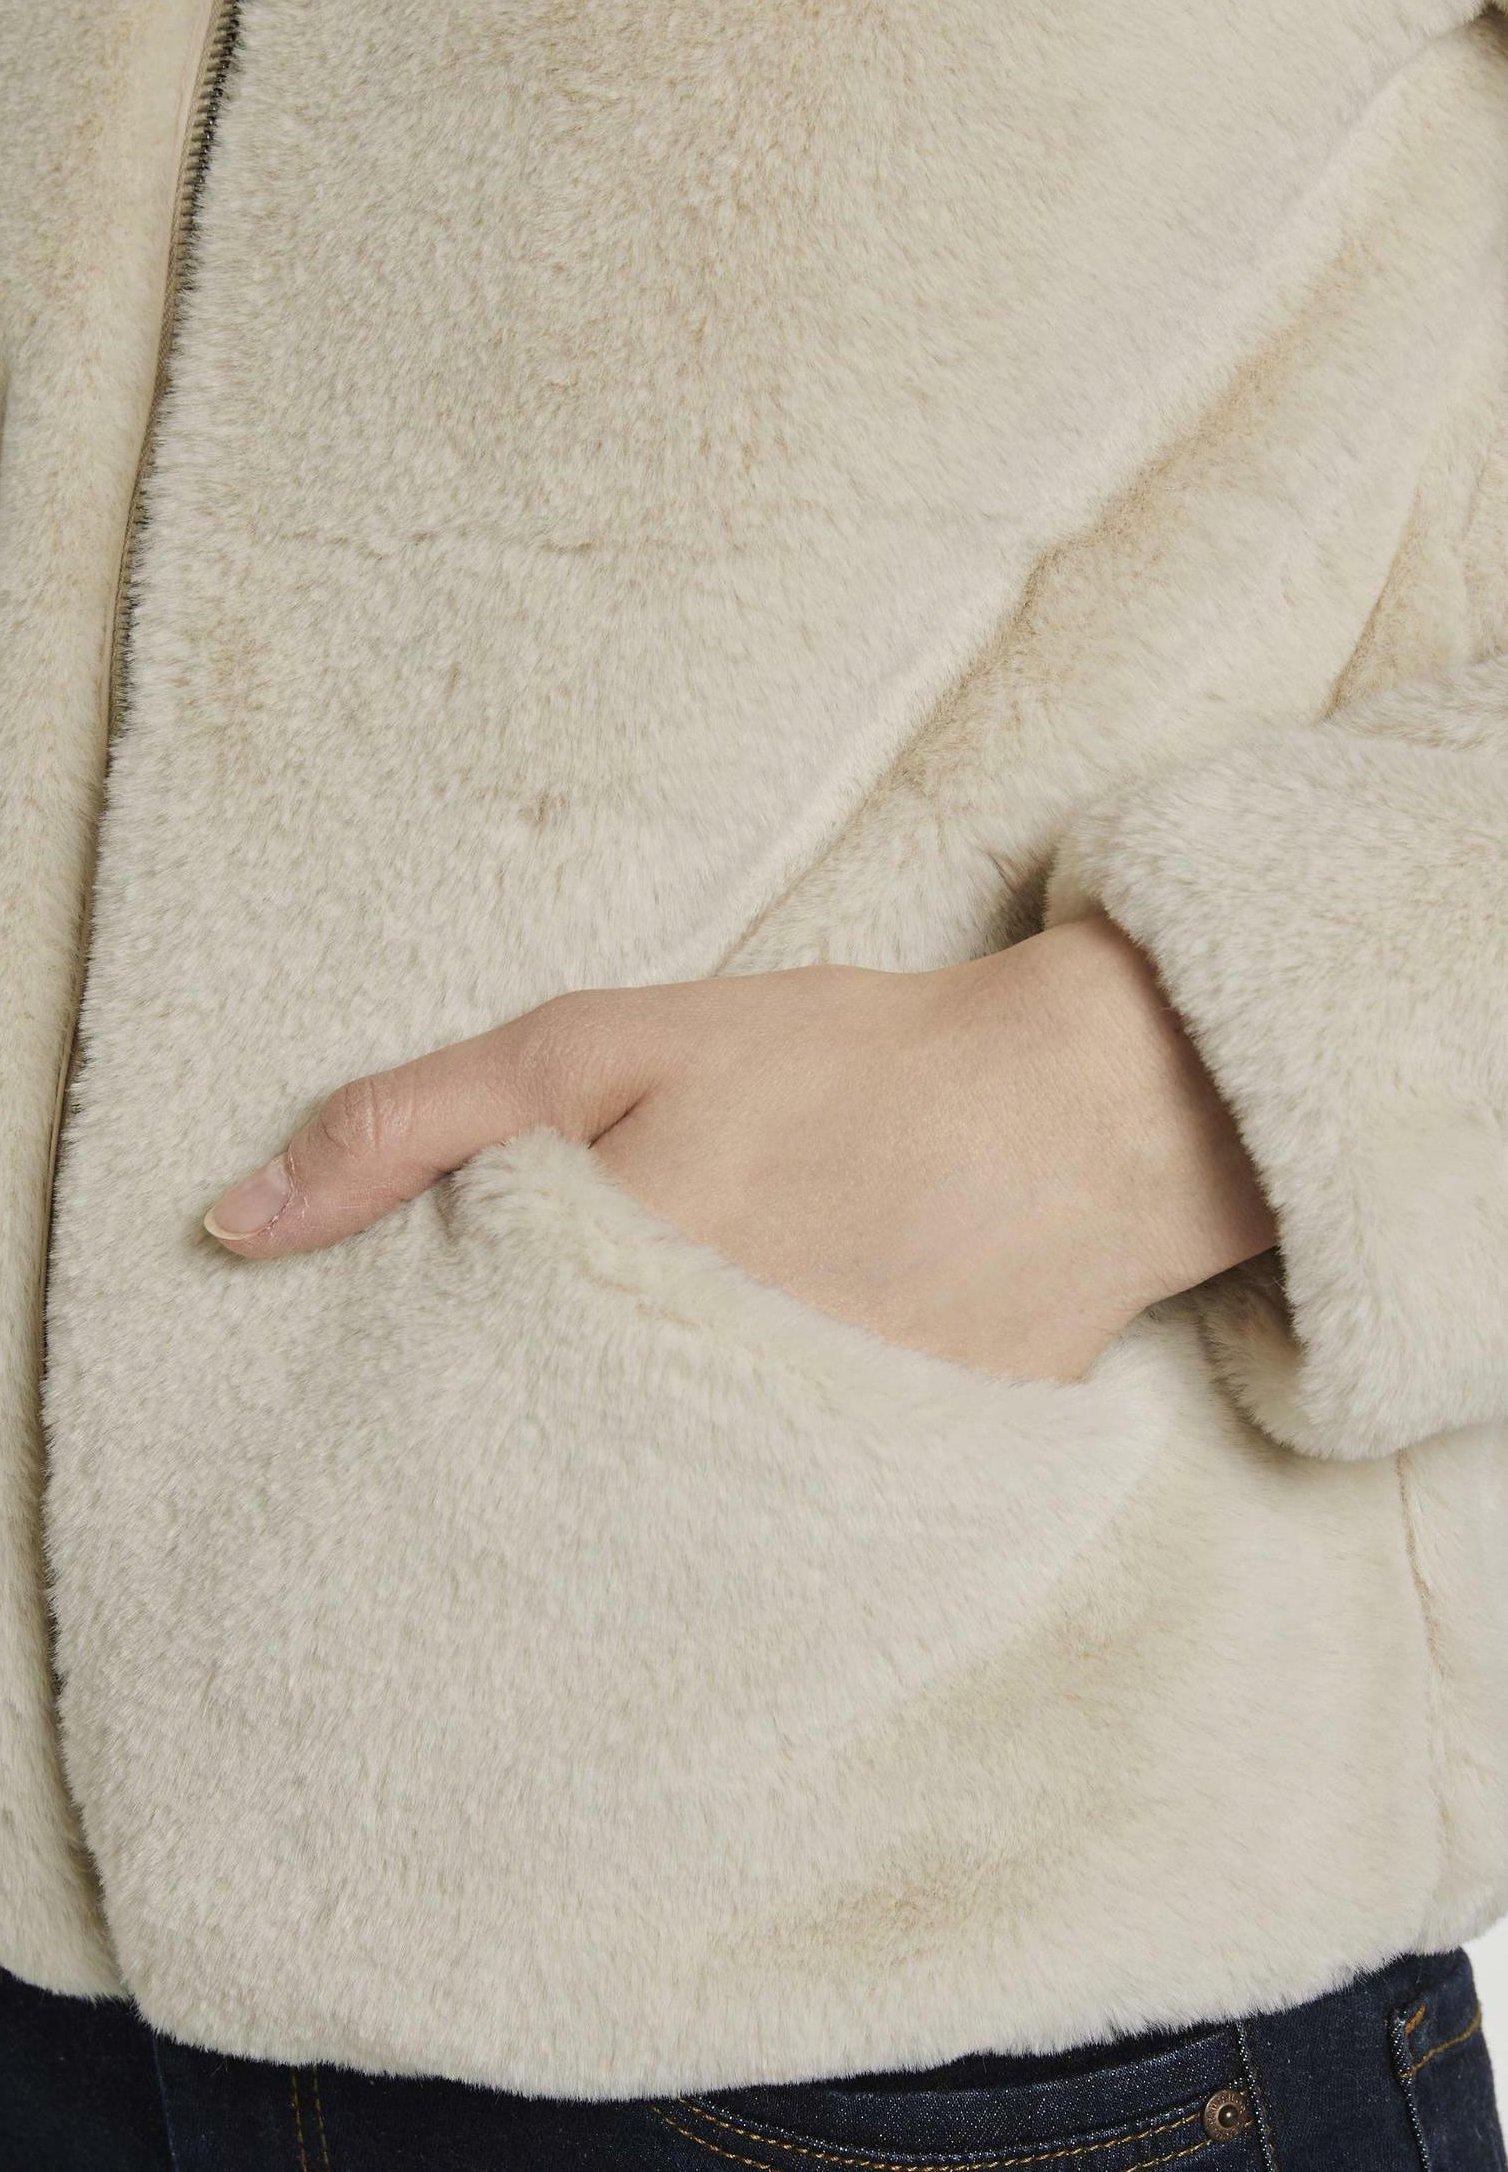 TOM TAILOR DENIM Winterjacke dusty beige/beige